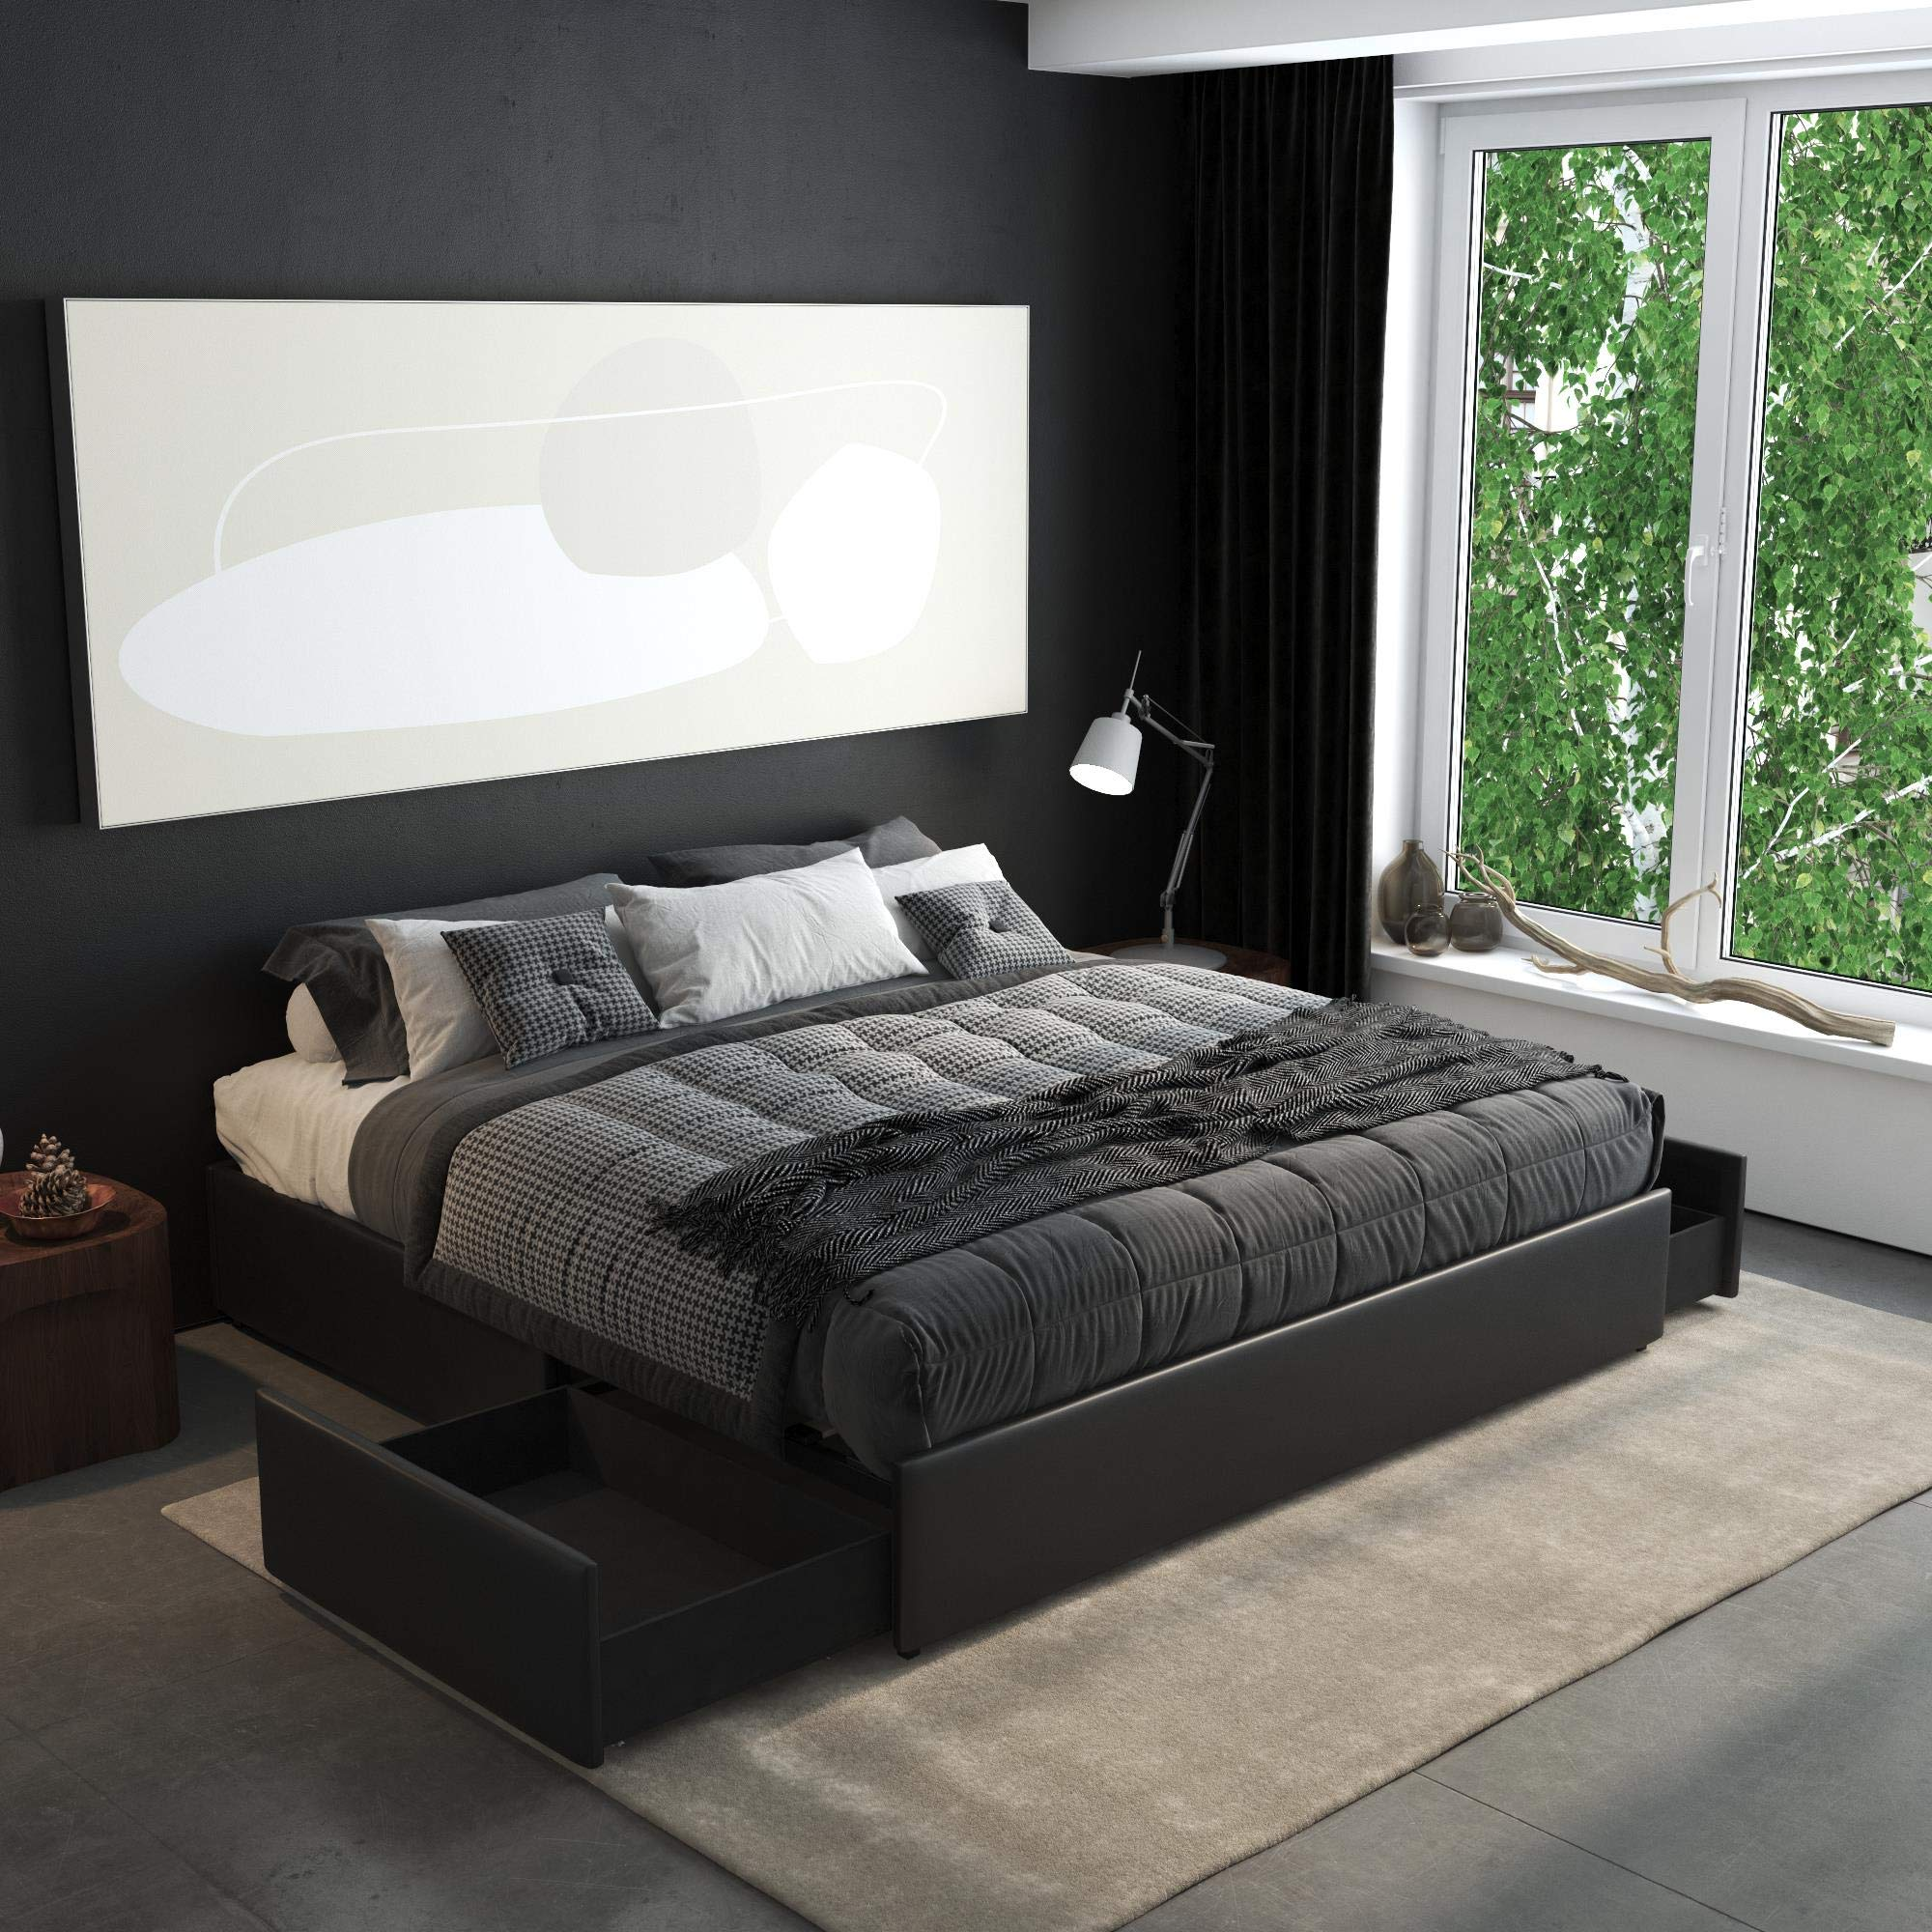 Amazon Com Dhp Maven Platform Storage King Size Frame Black Upholstered Beds Faux Leather Furniture Decor